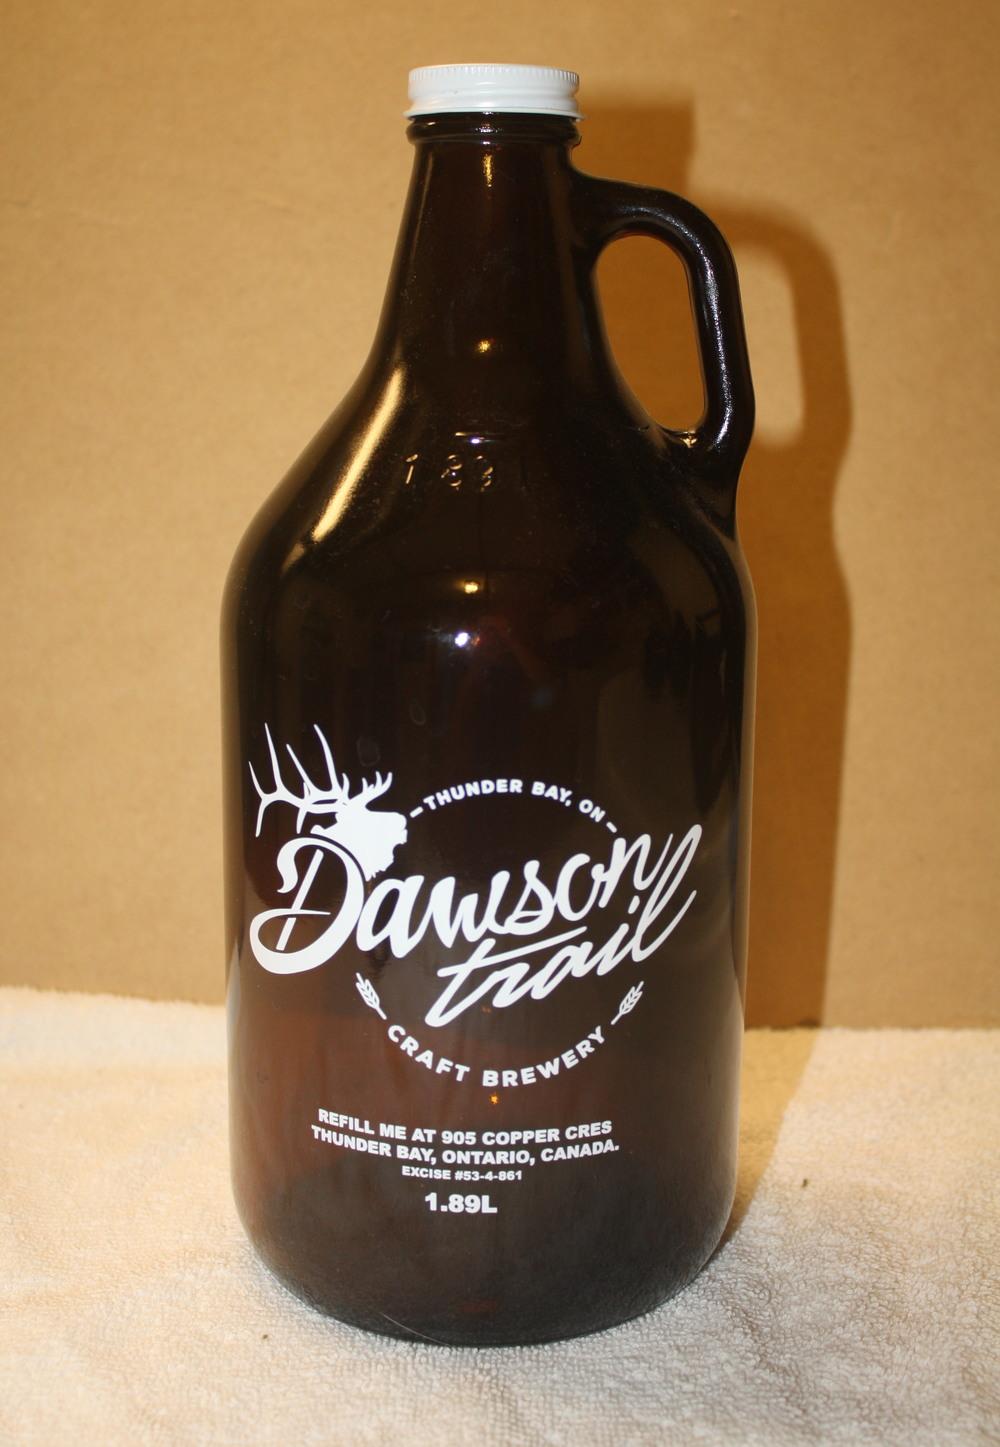 GR - Dawson Trail Brewery (ON)